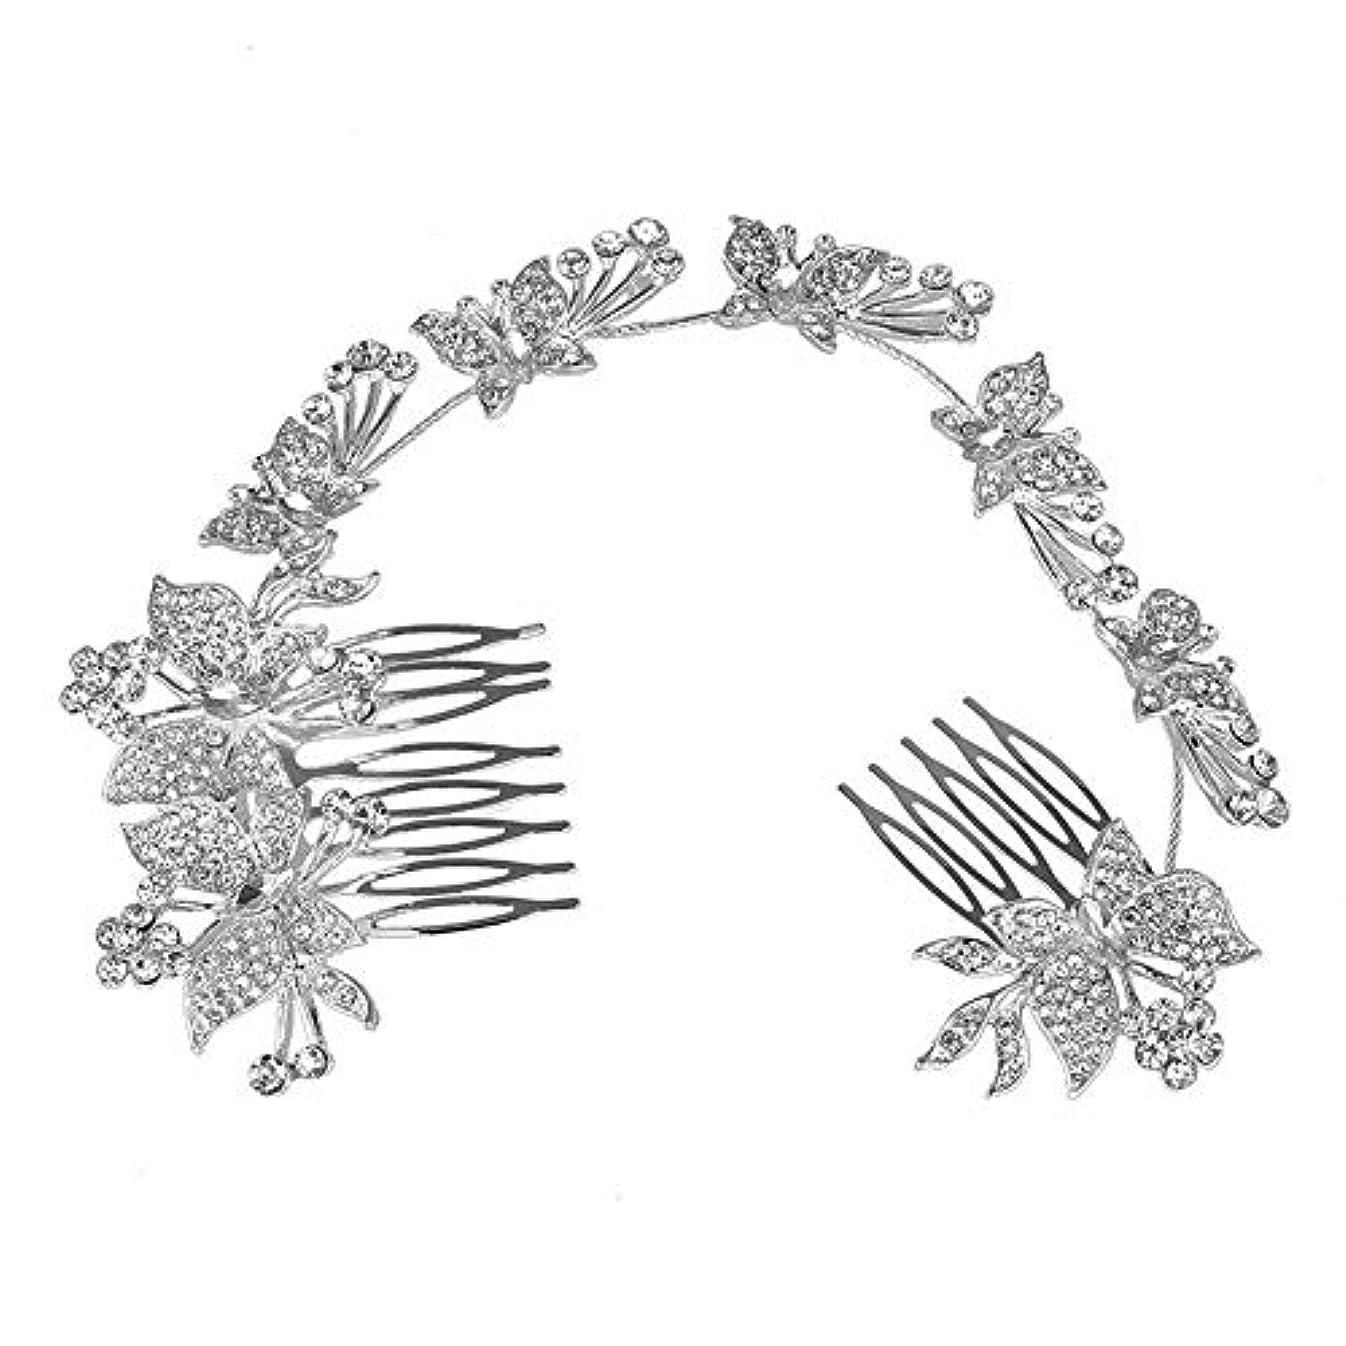 悲鳴失礼な従者髪の櫛、櫛、蝶、髪の櫛、ブライダル髪の櫛、結婚式の髪の櫛、ラインストーンの櫛、ヘッドギア